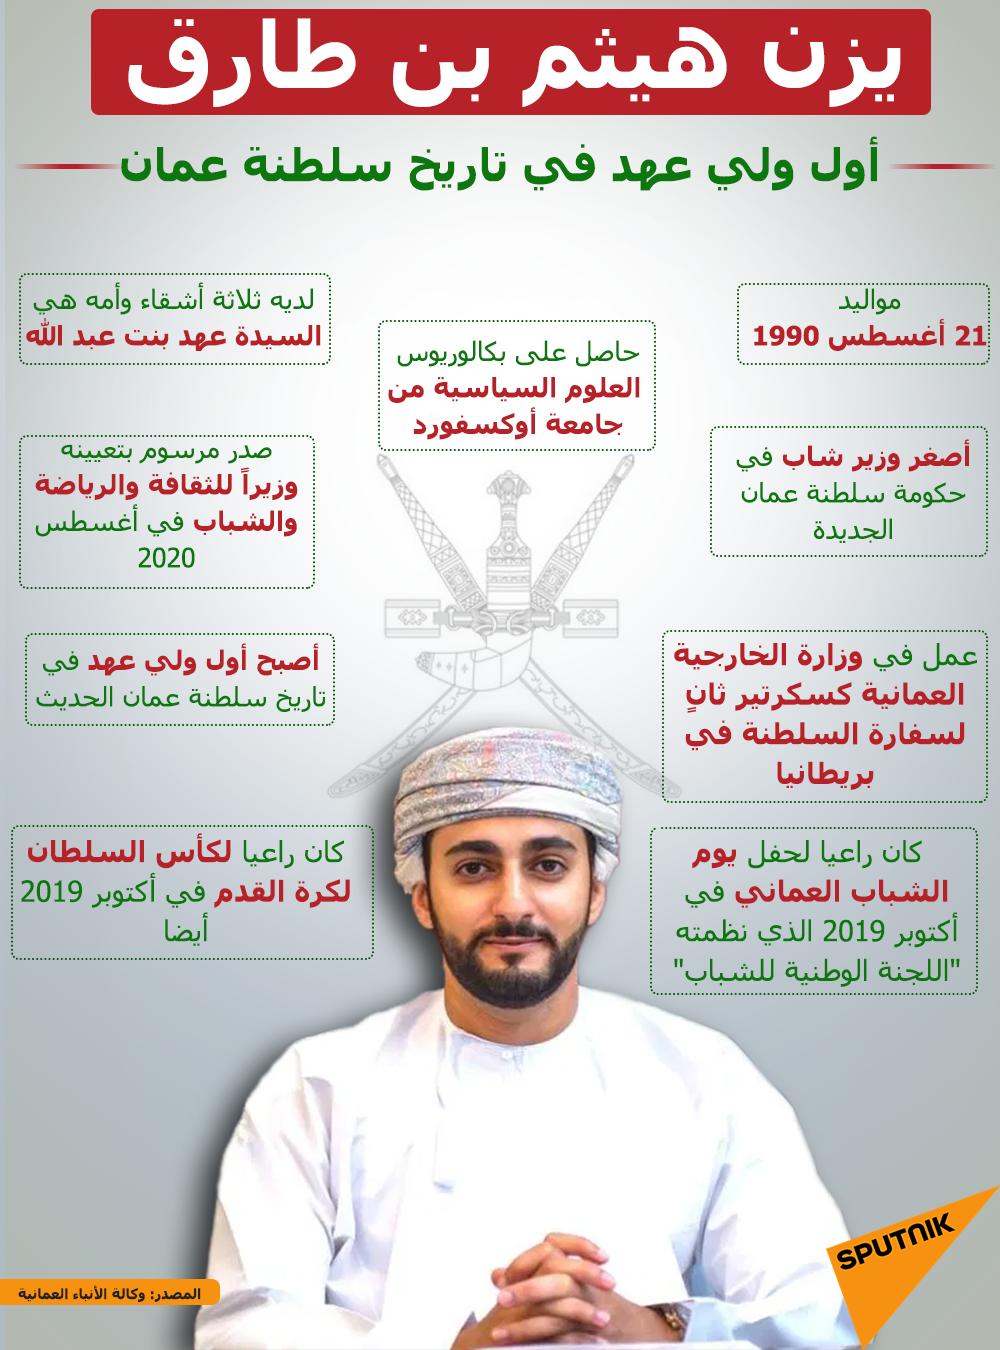 إنفوجرافيك.. أول ولي عهد في تاريخ سلطنة عمان